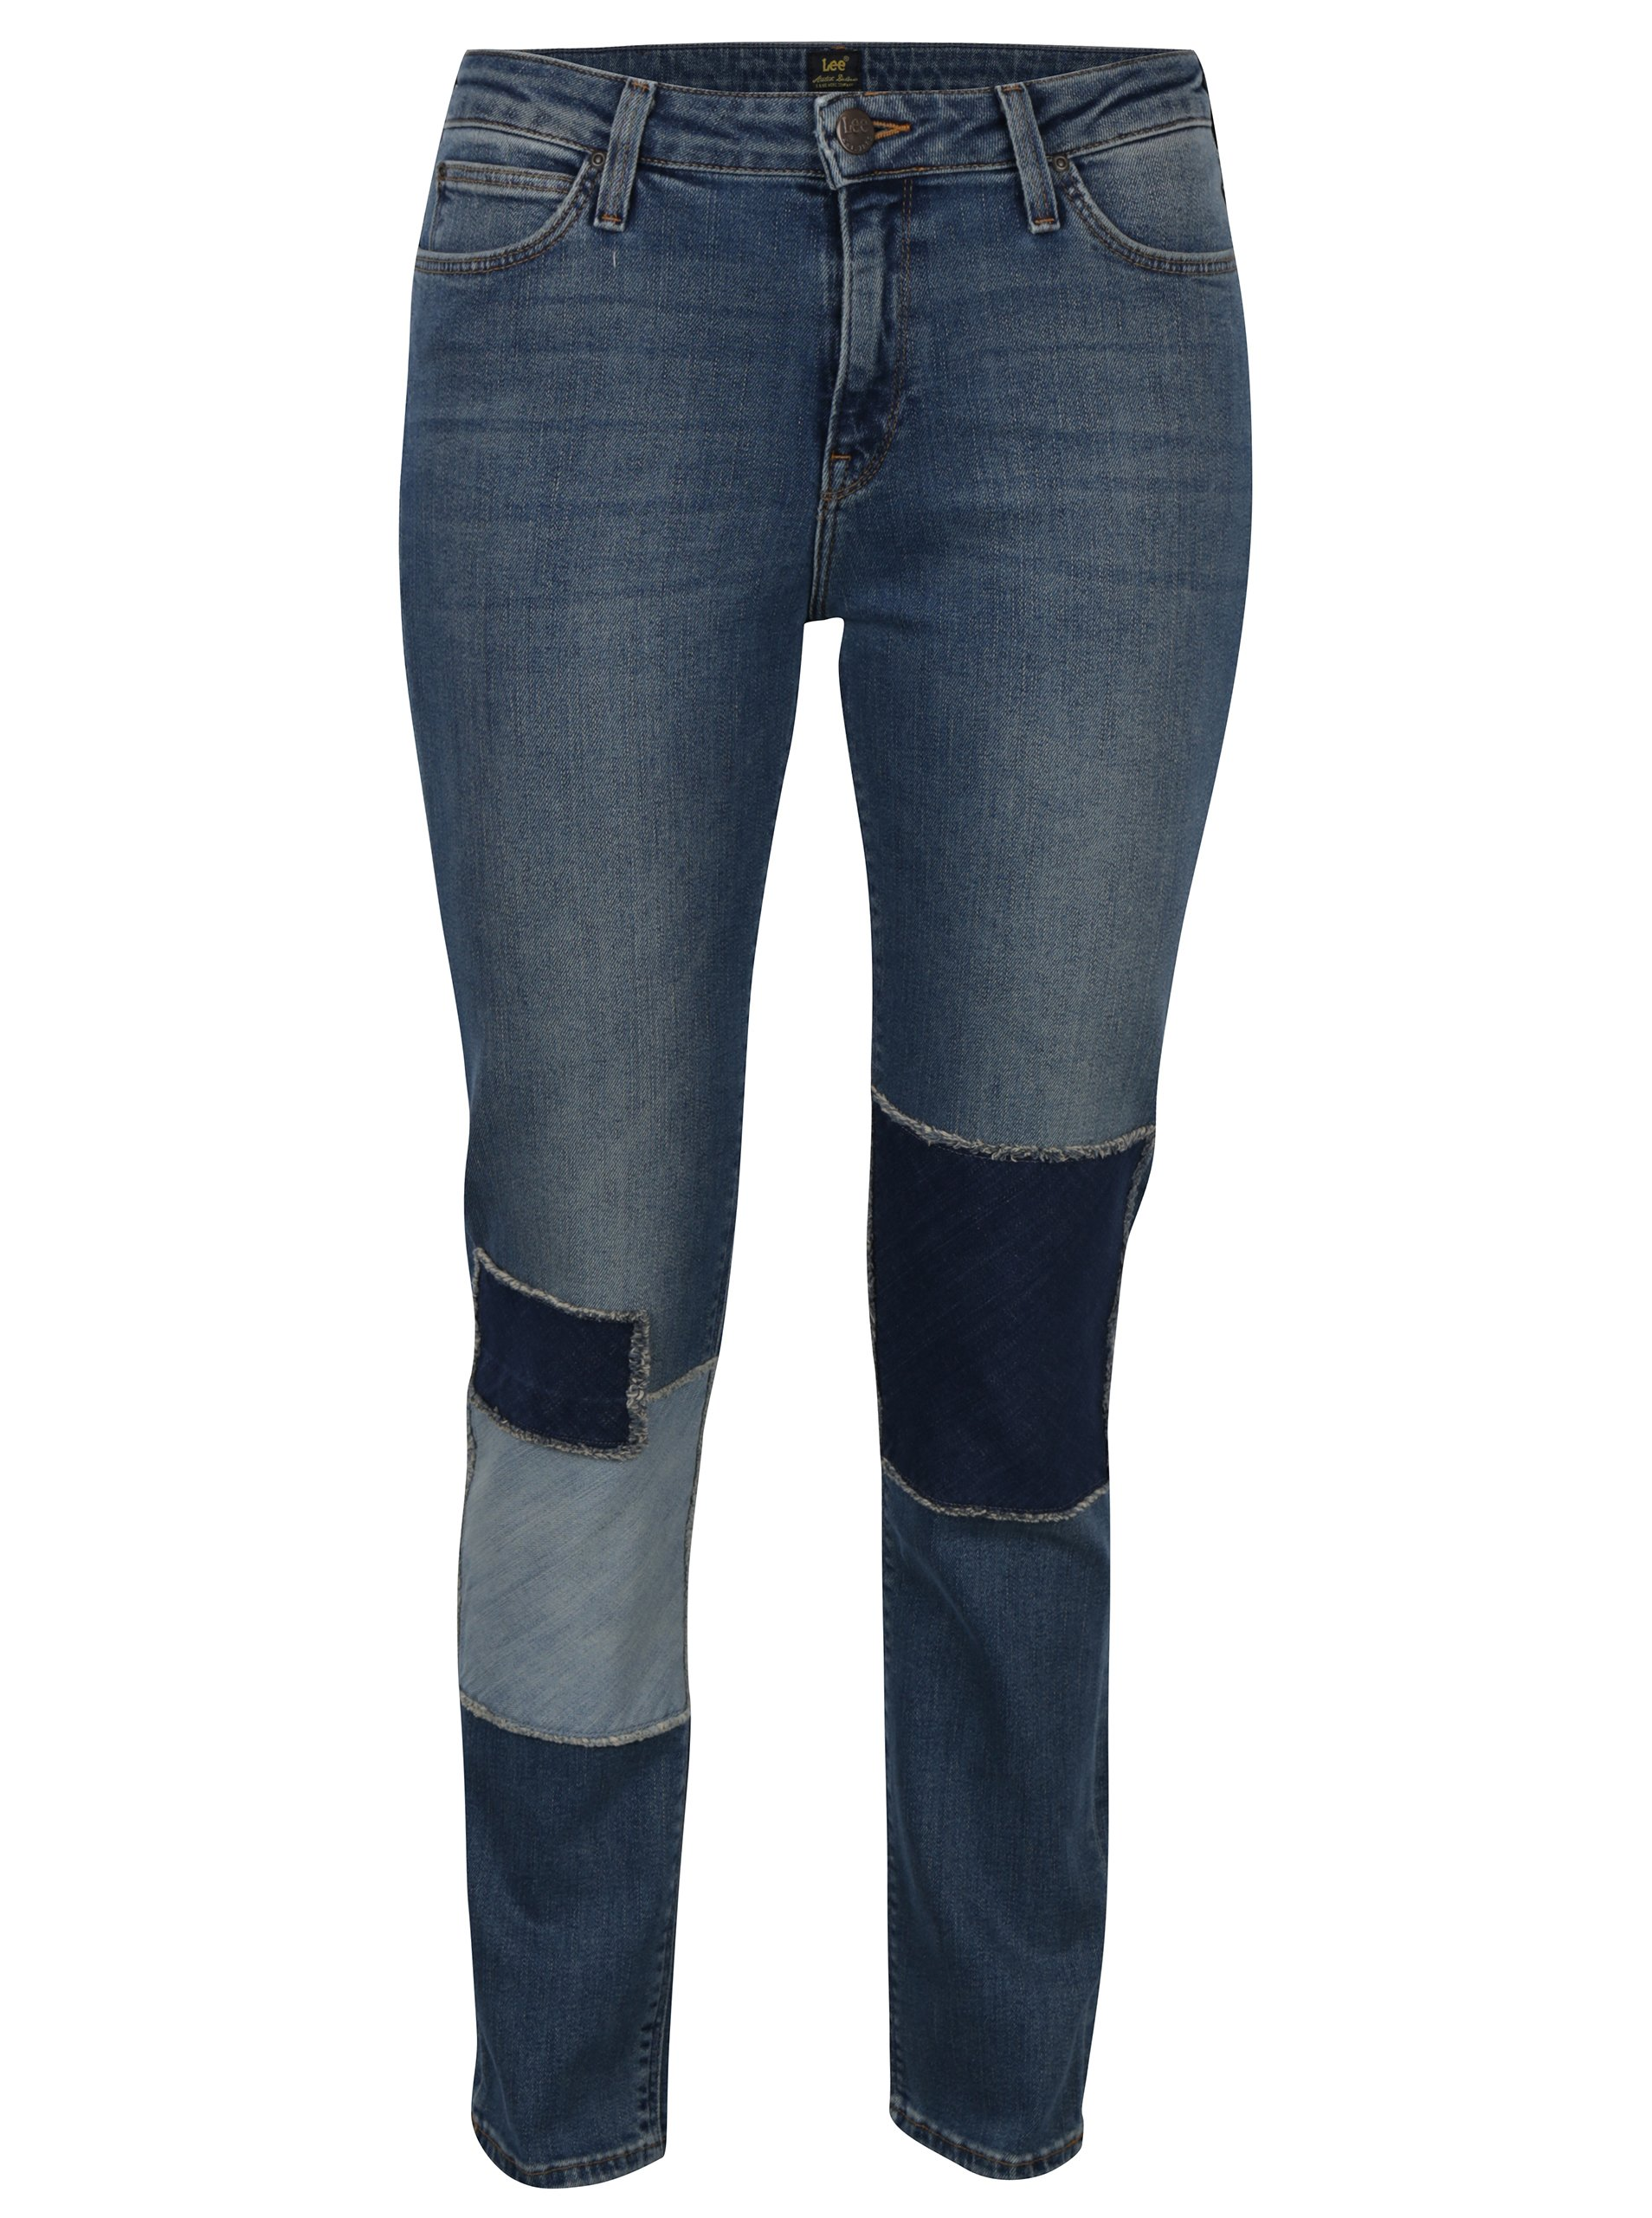 Fotografie Modré dámské straight džíny se záplatami a vyšisovaným efektem Lee Elly